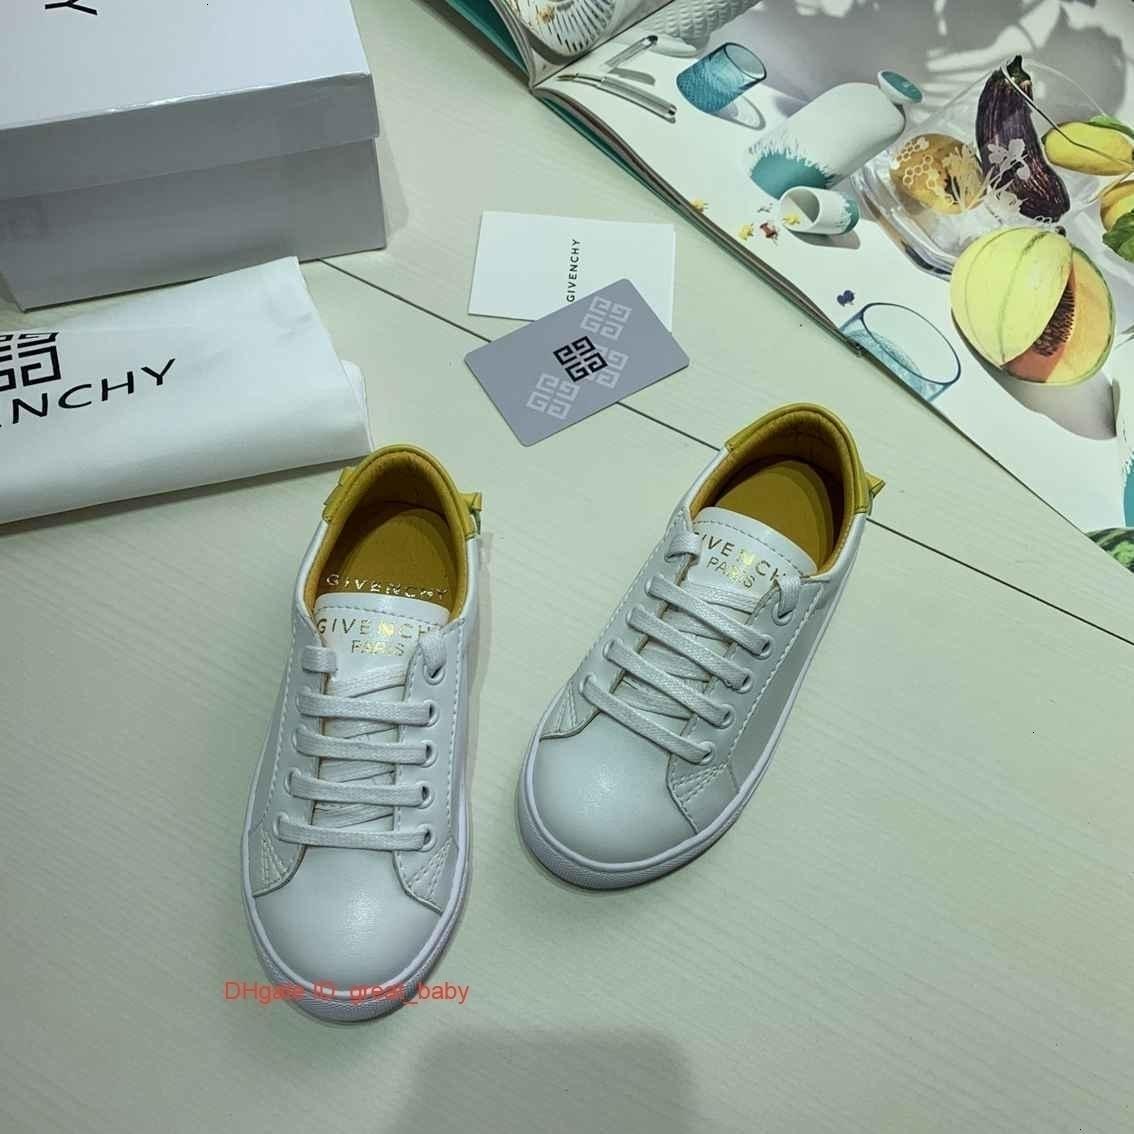 Nuevo diseñador de moda de lujo para niños, zapatos casuales, zapatos para niños coreanos, zapatos deportivos para niños y niñas, suelas de goma, zapatos para niñas 0905